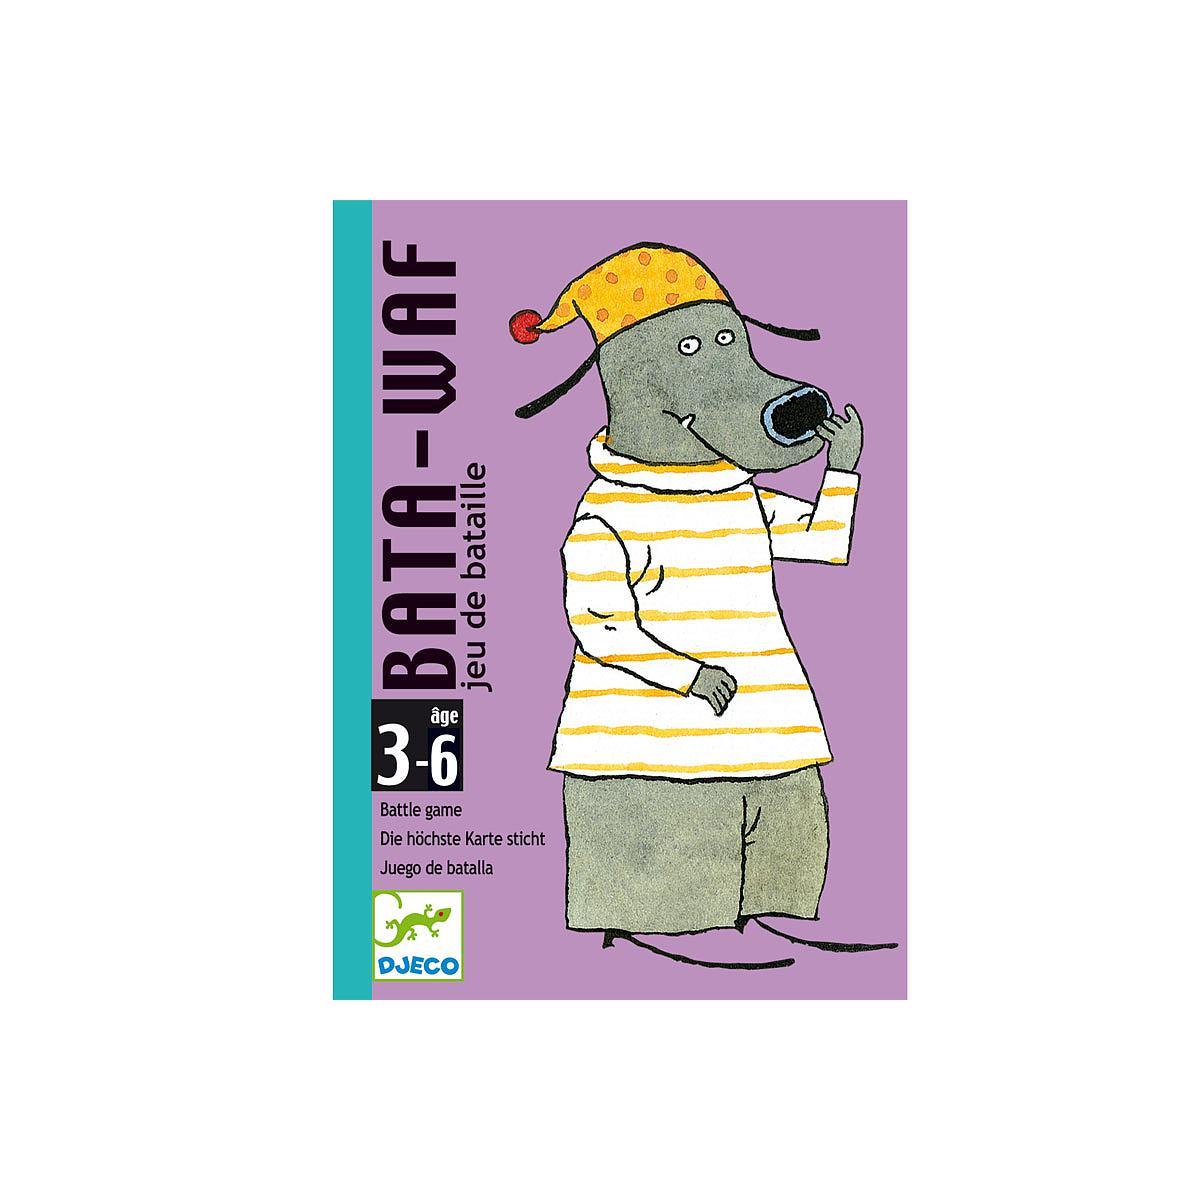 Juego cartas 3-6Y BATA-WAF Djeco